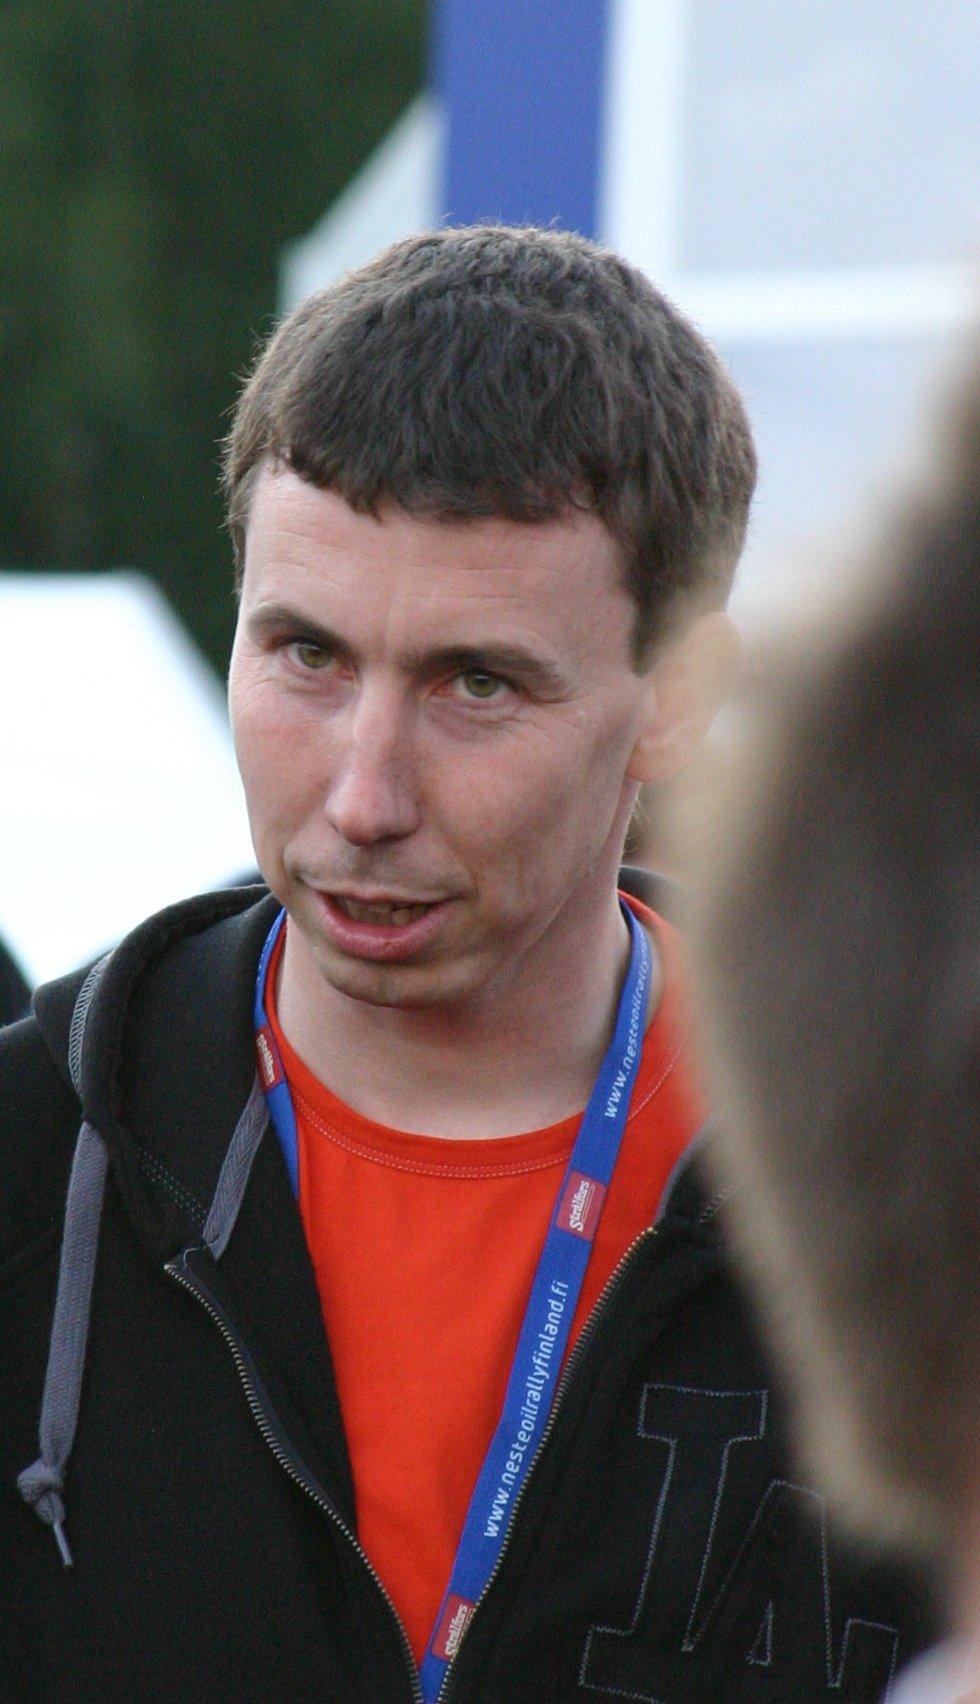 First Team Subaru >> Markko Märtin - Wikipedia